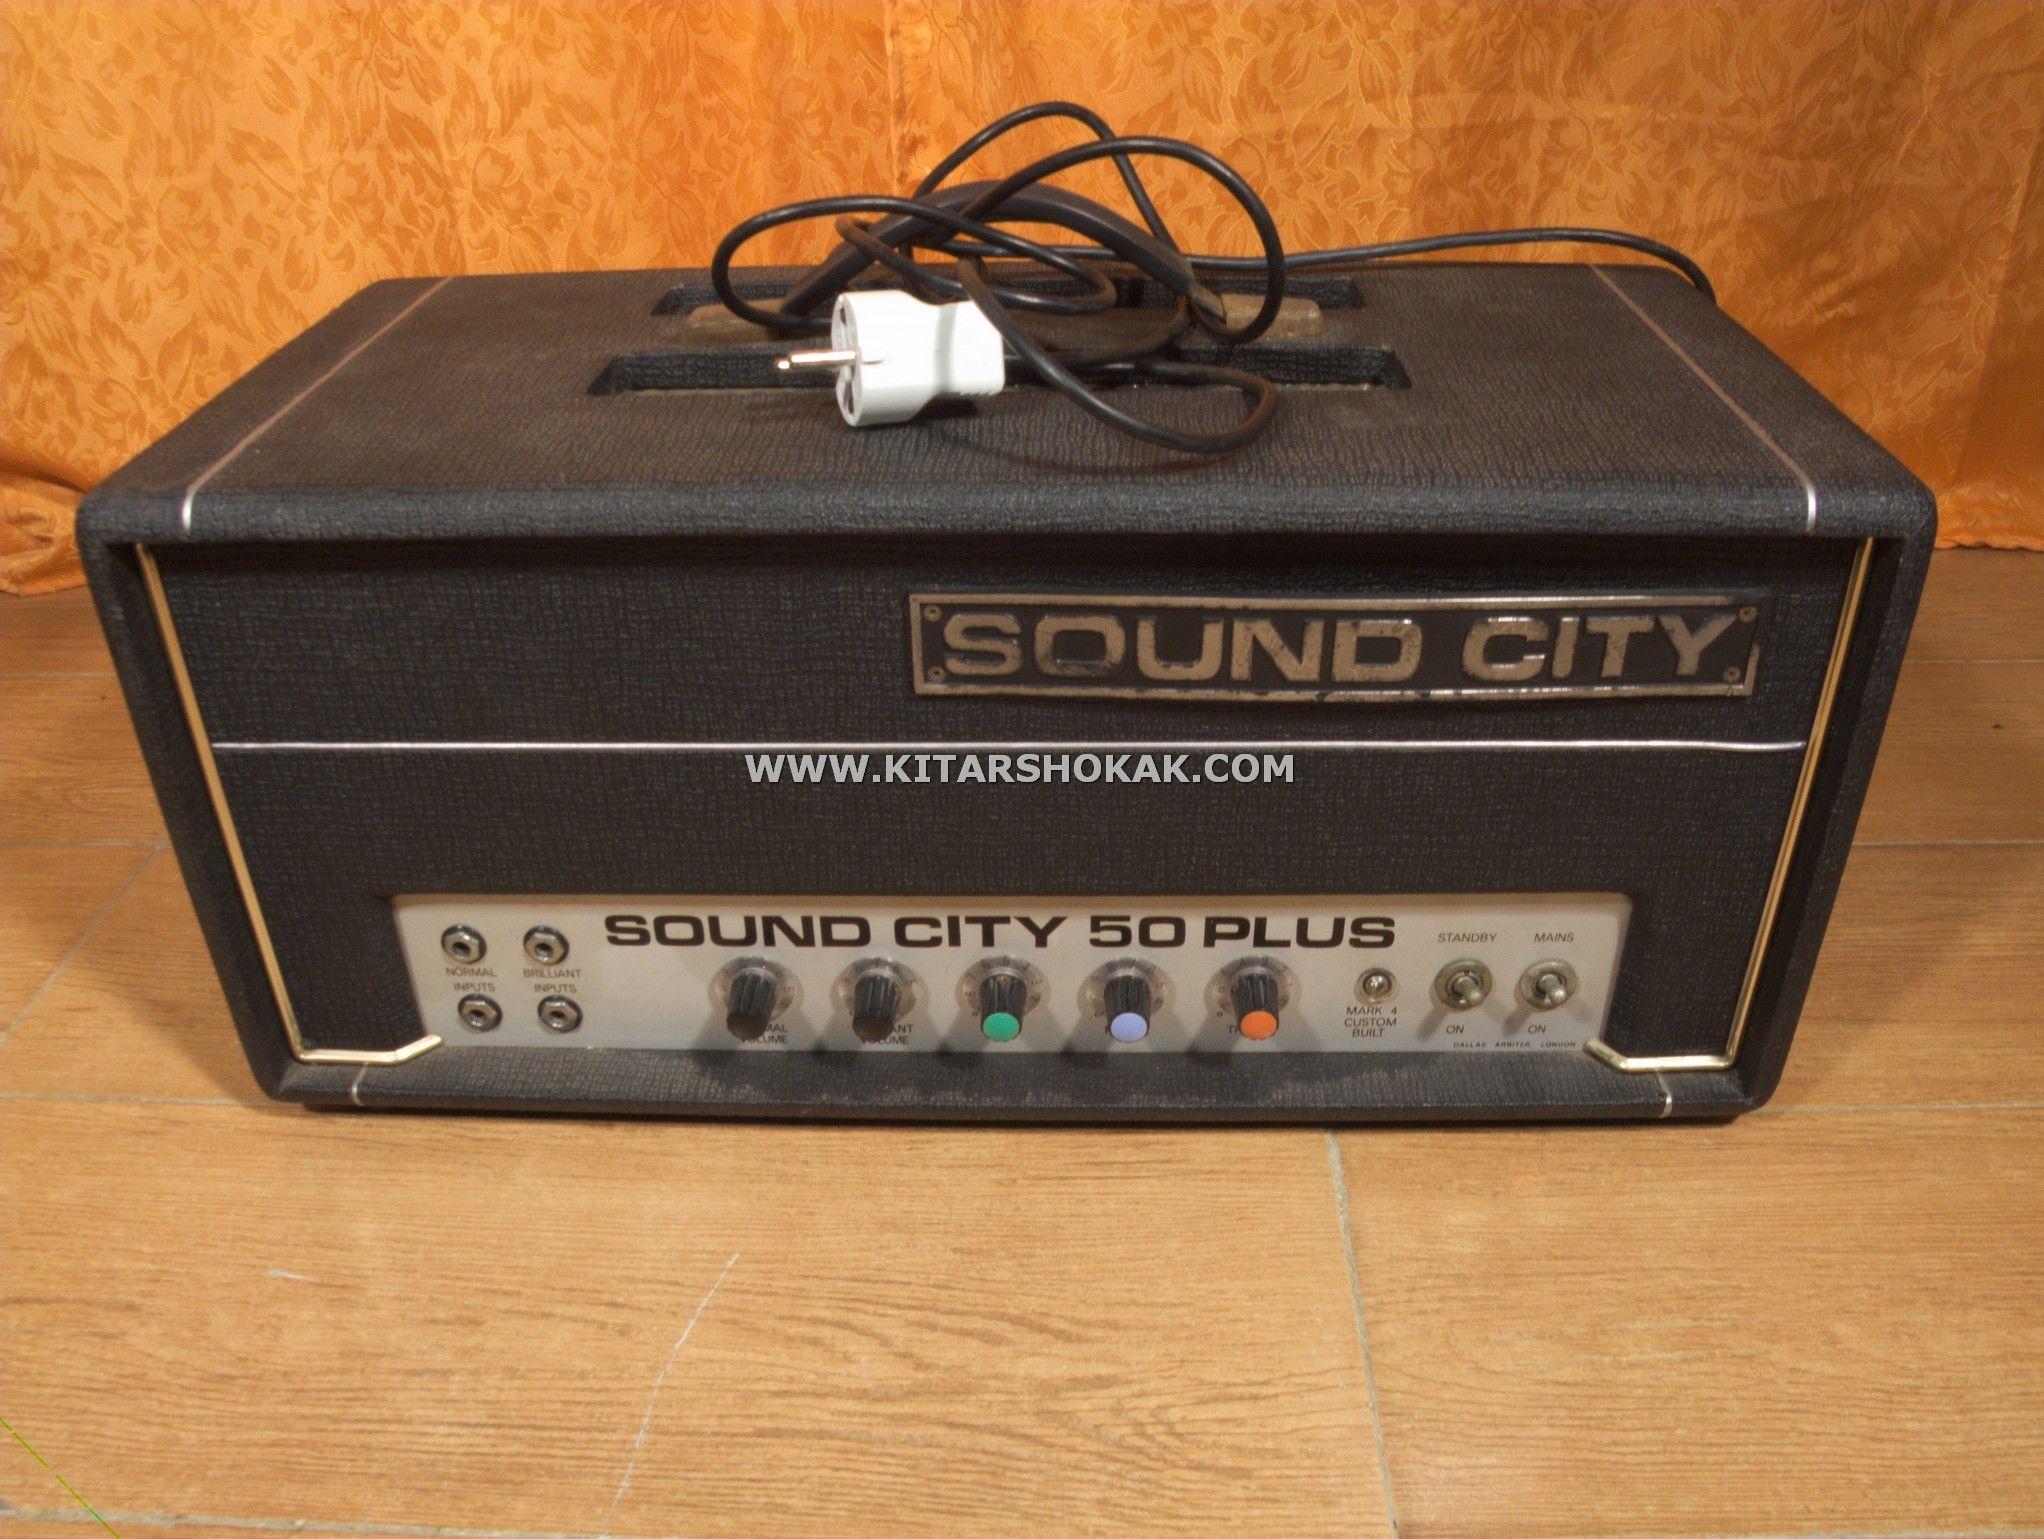 SOUND CITY 50 PLUS EARLY 70´S VINTAGE (MULLARD & BRIMAR NOS TUBES) VENTA-CAMBIO / SALGAI-ALDATZEKO / SALE-TRADE! 950€ http://www.kitarshokak.com/listado.php?lang=es&id=1373&seccion=